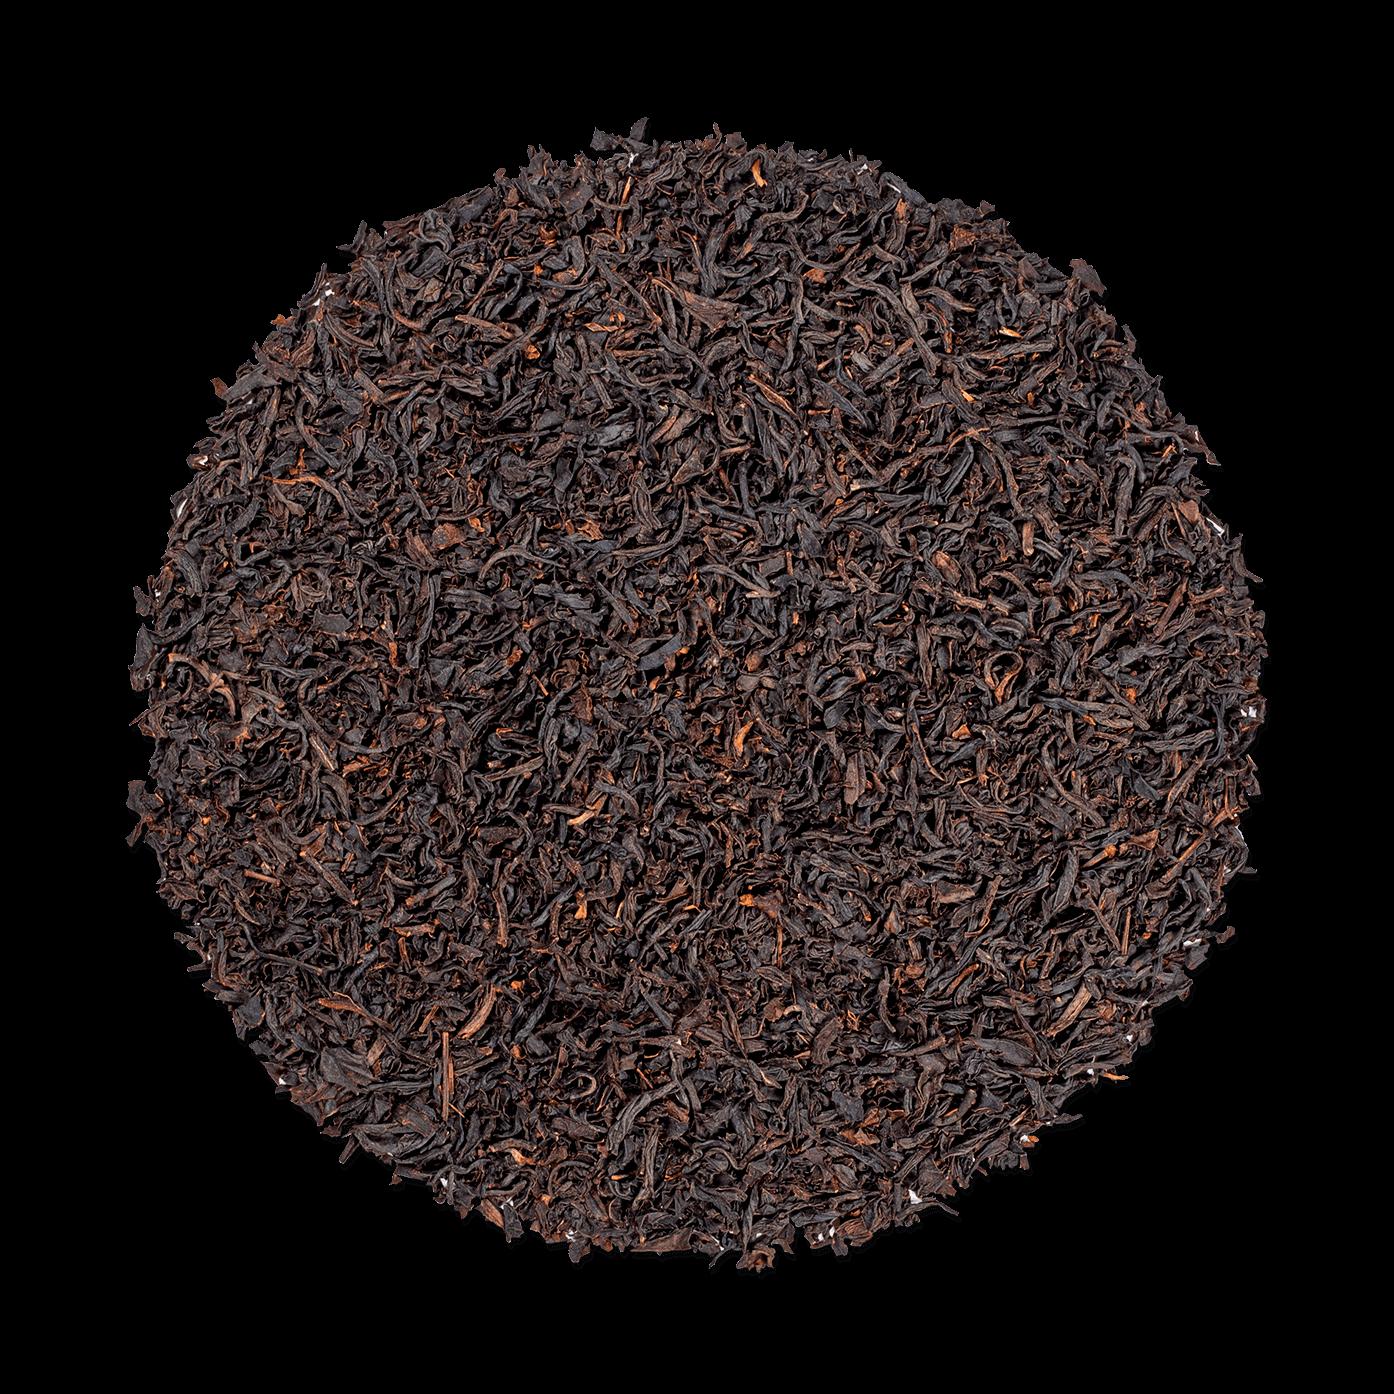 Troïka bio - Thé noir, earl grey aux agrumes - Thé en vrac - Kusmi Tea